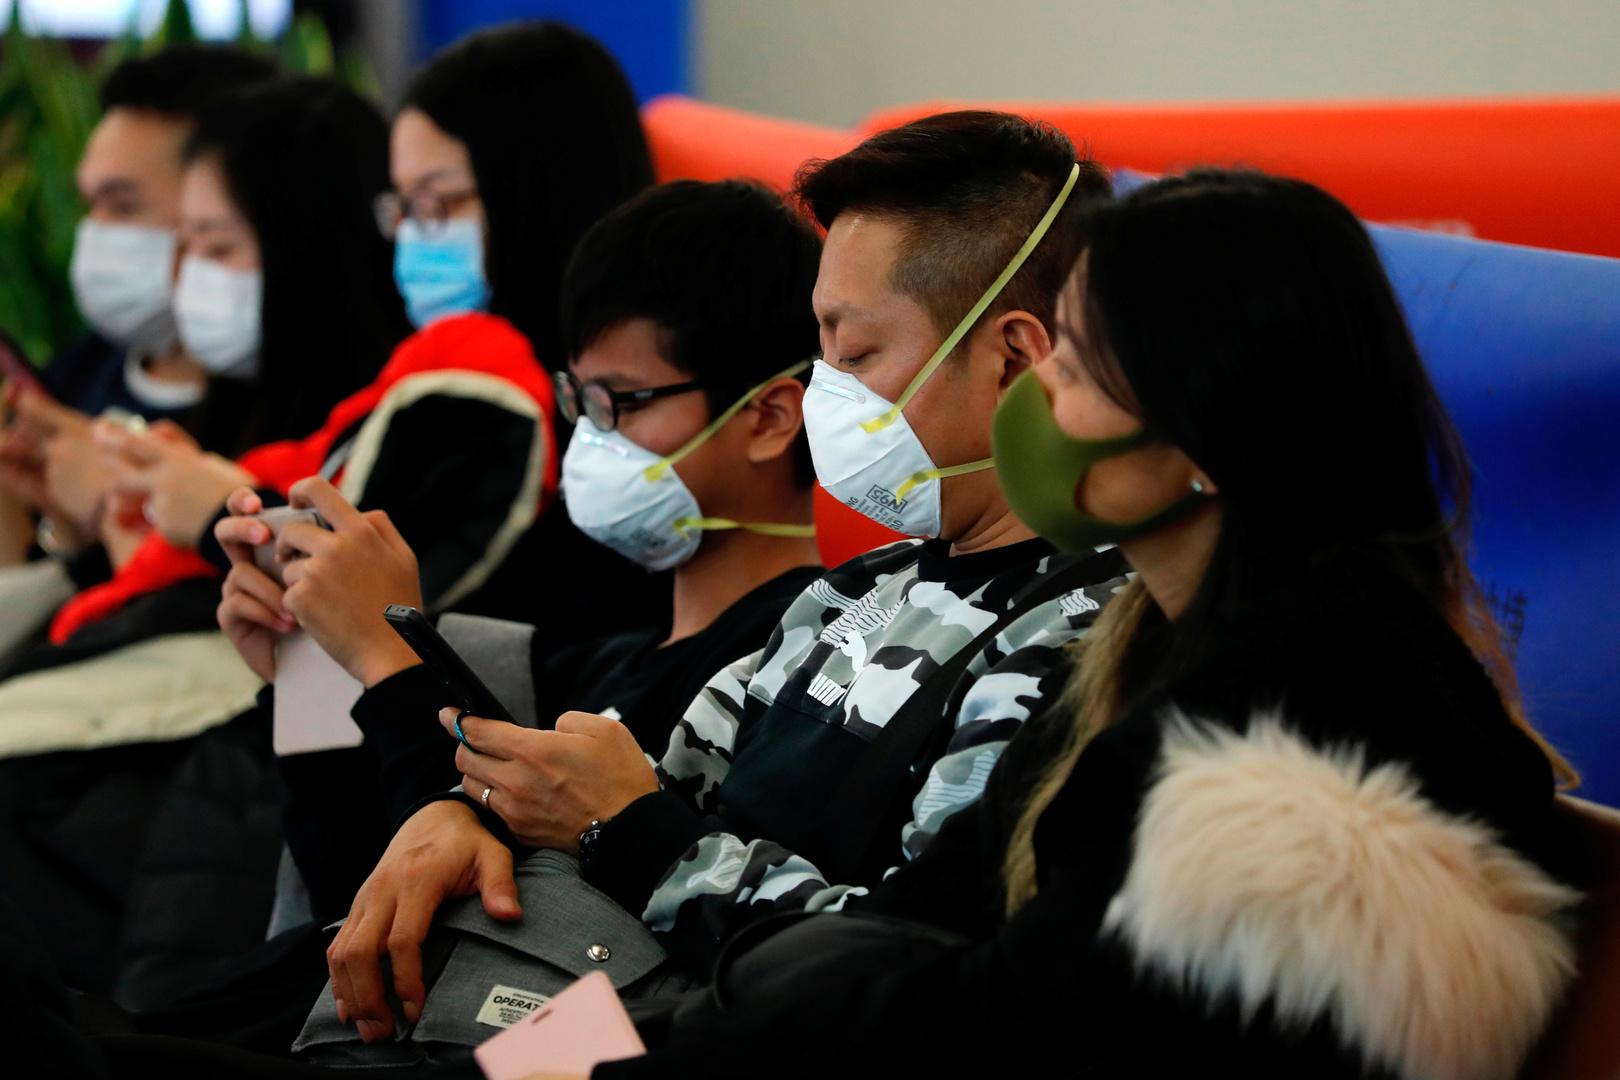 عزل 11 مليون مواطن صيني بسبب فيروس كورونا!